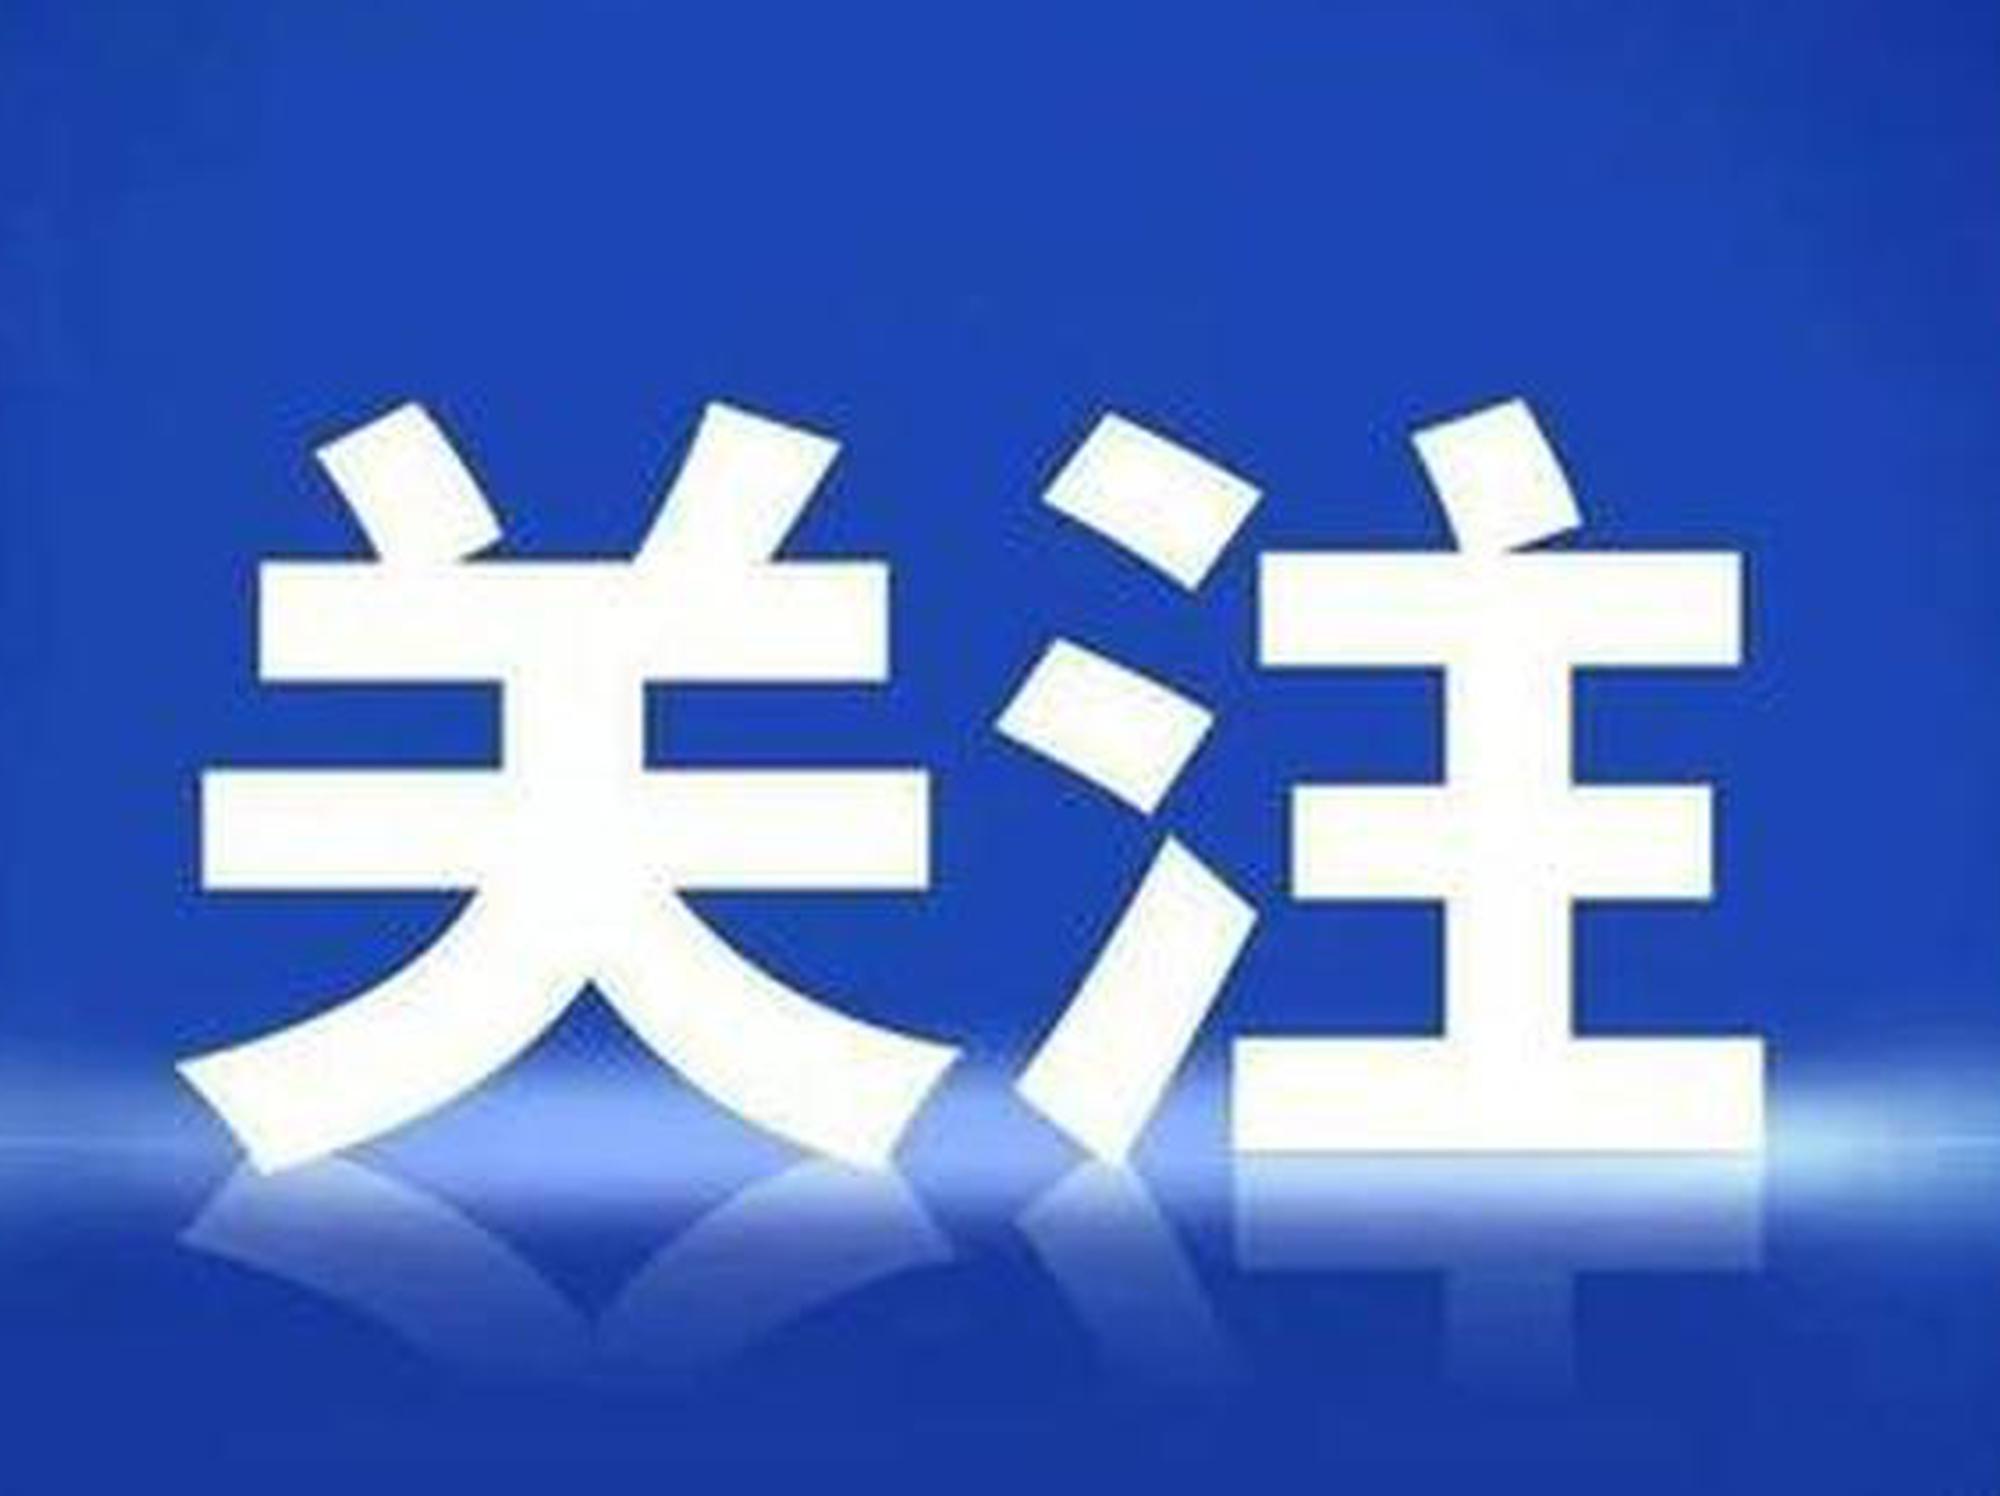 http://ah.sina.com.cn/news/2021-01-26/detail-ikftssap0898450.shtml